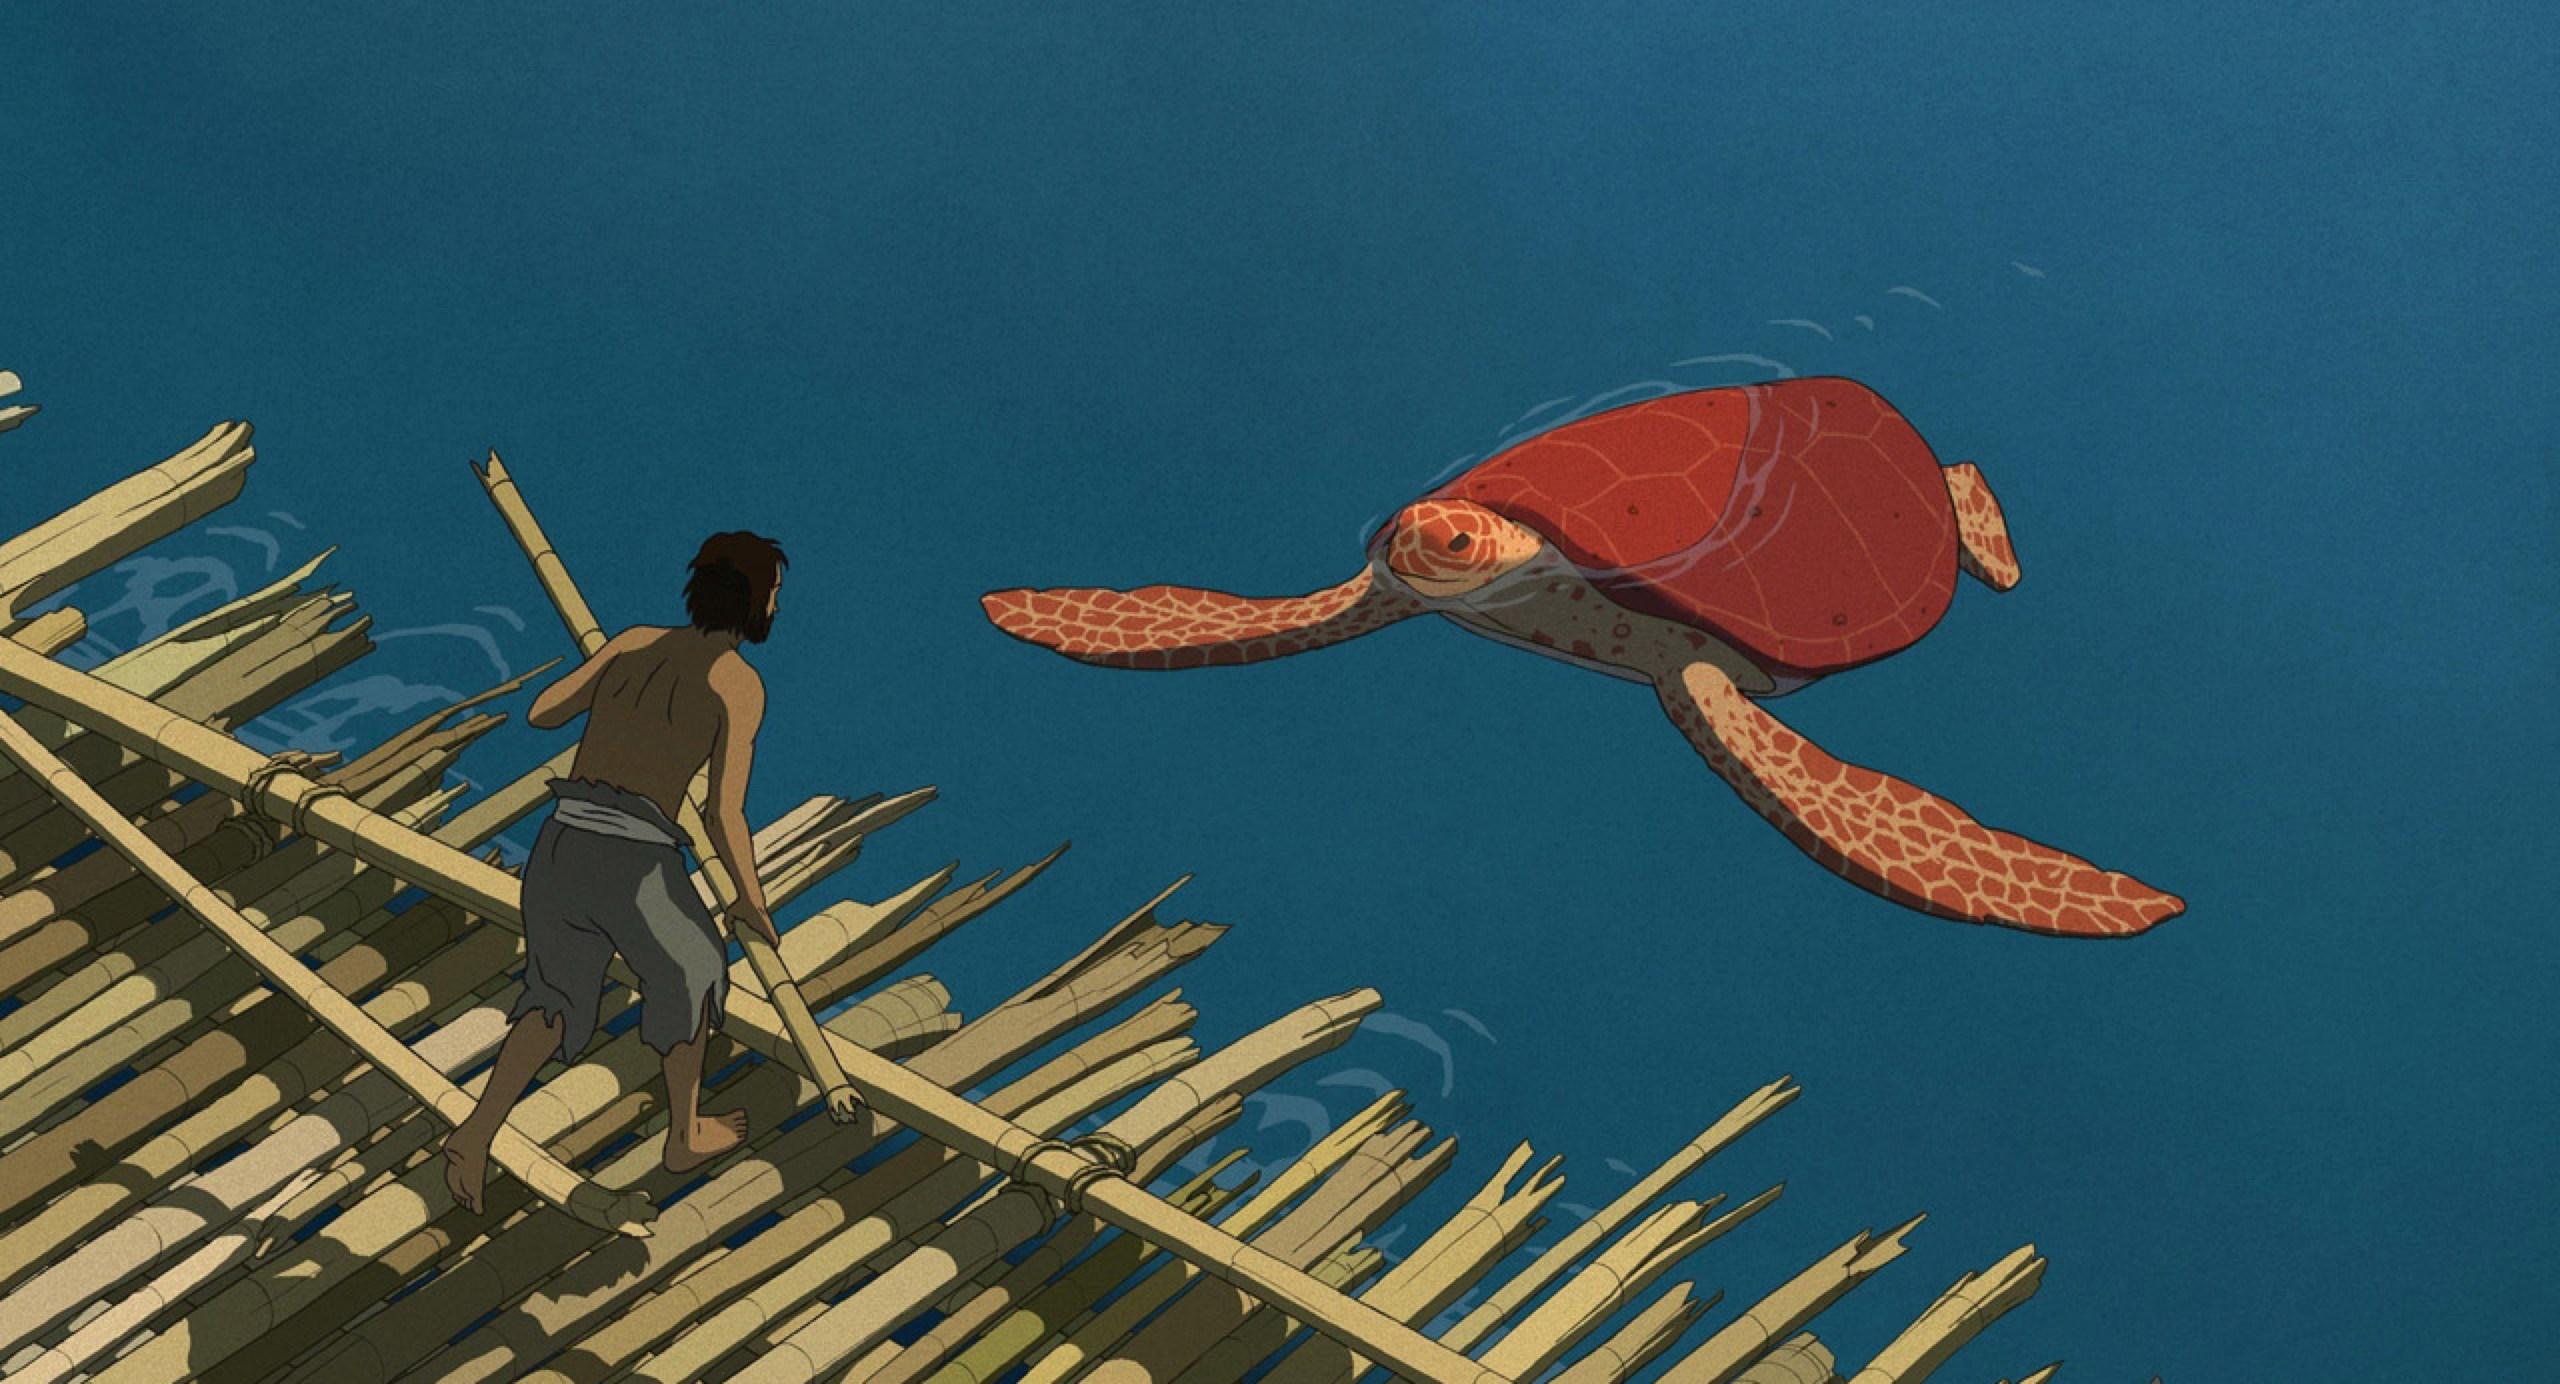 Estudio Ghibli em revista